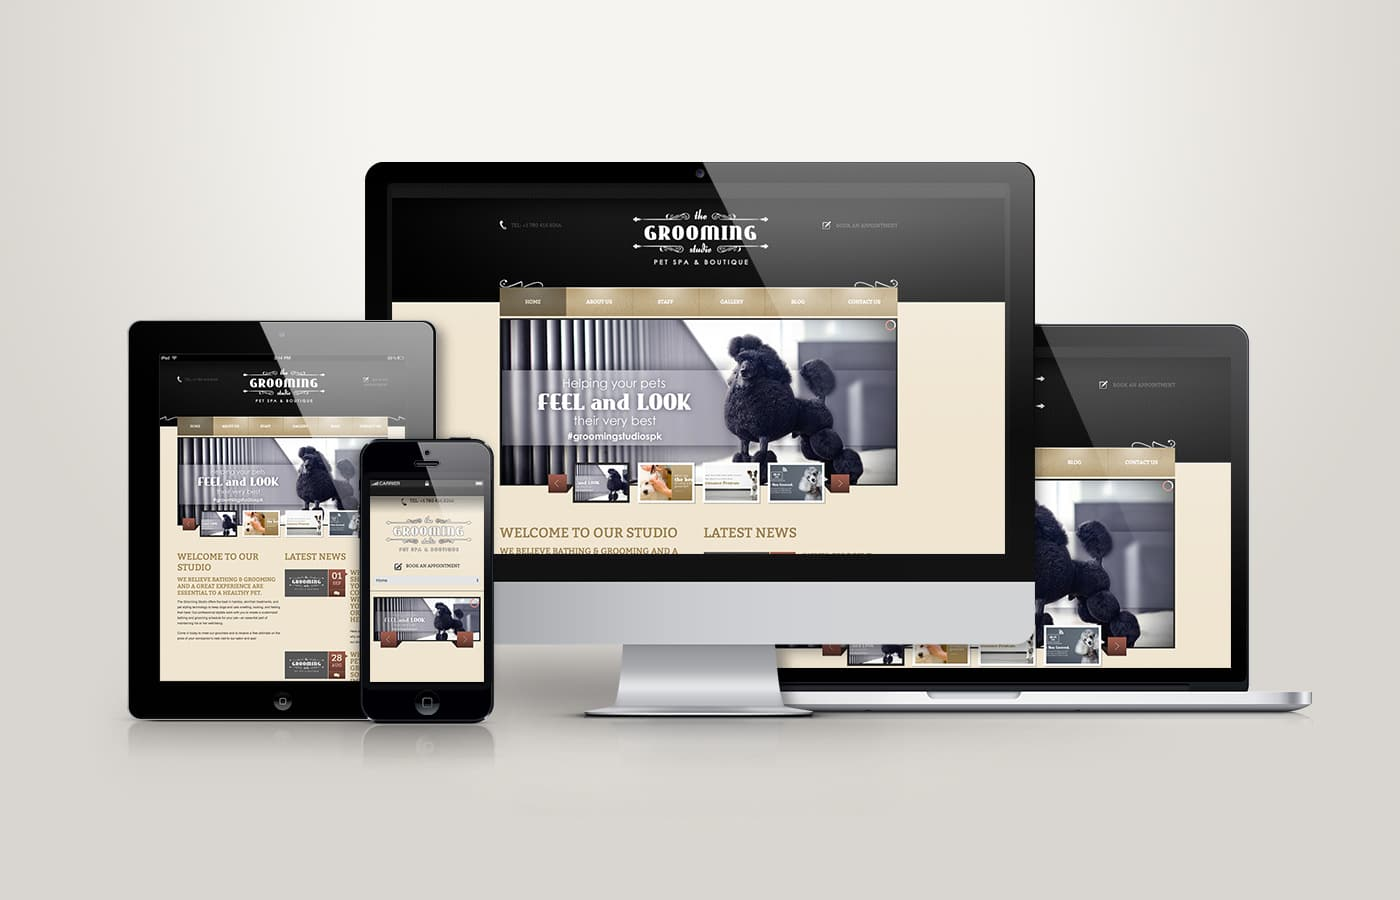 Edmonton Website Design | The Grooming Studio Website